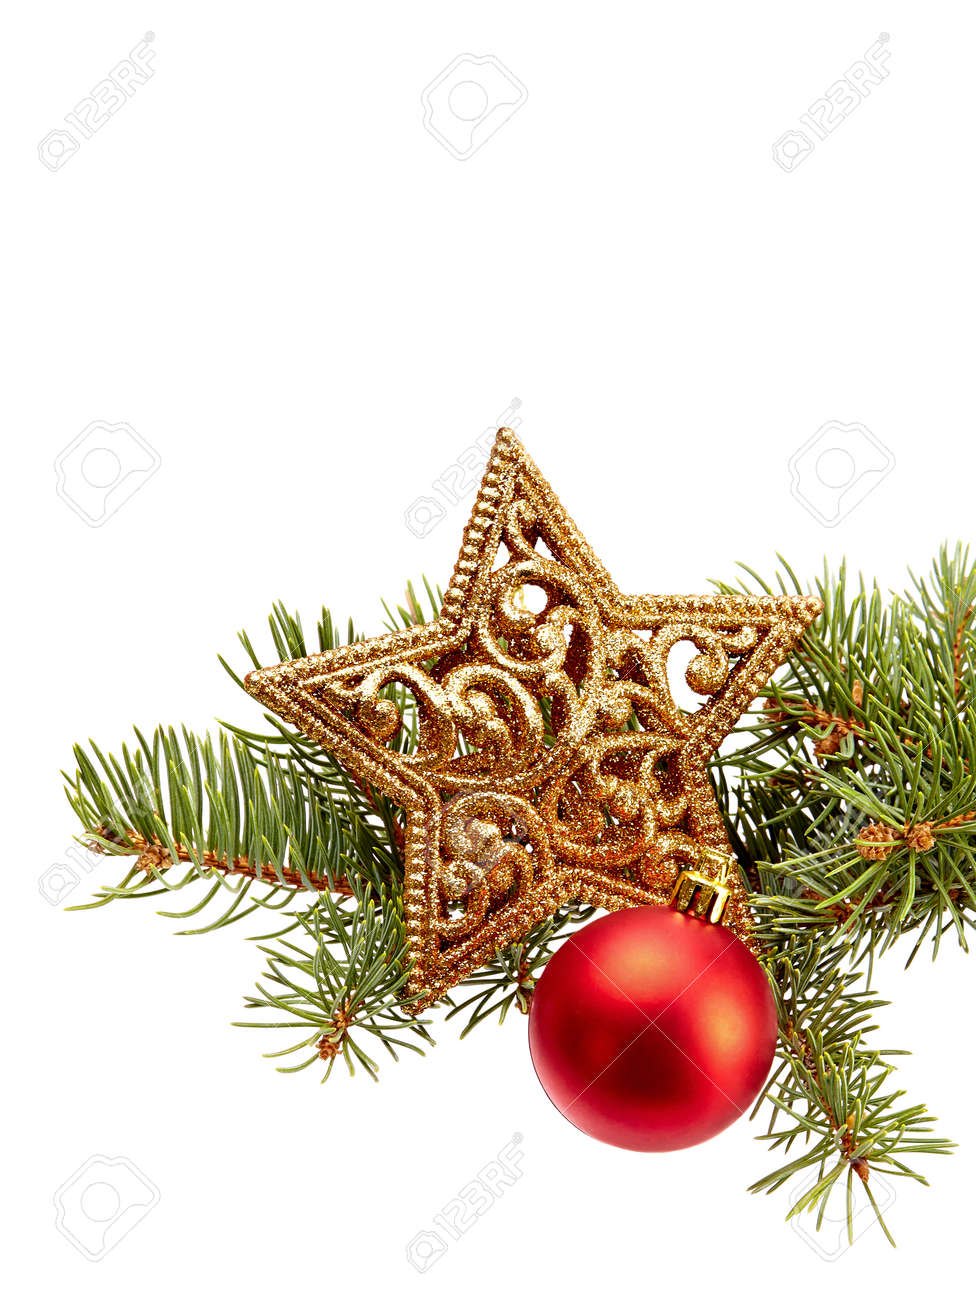 Décoration De Noël (branche De Sapin, Boule De Noël, étoile D'or